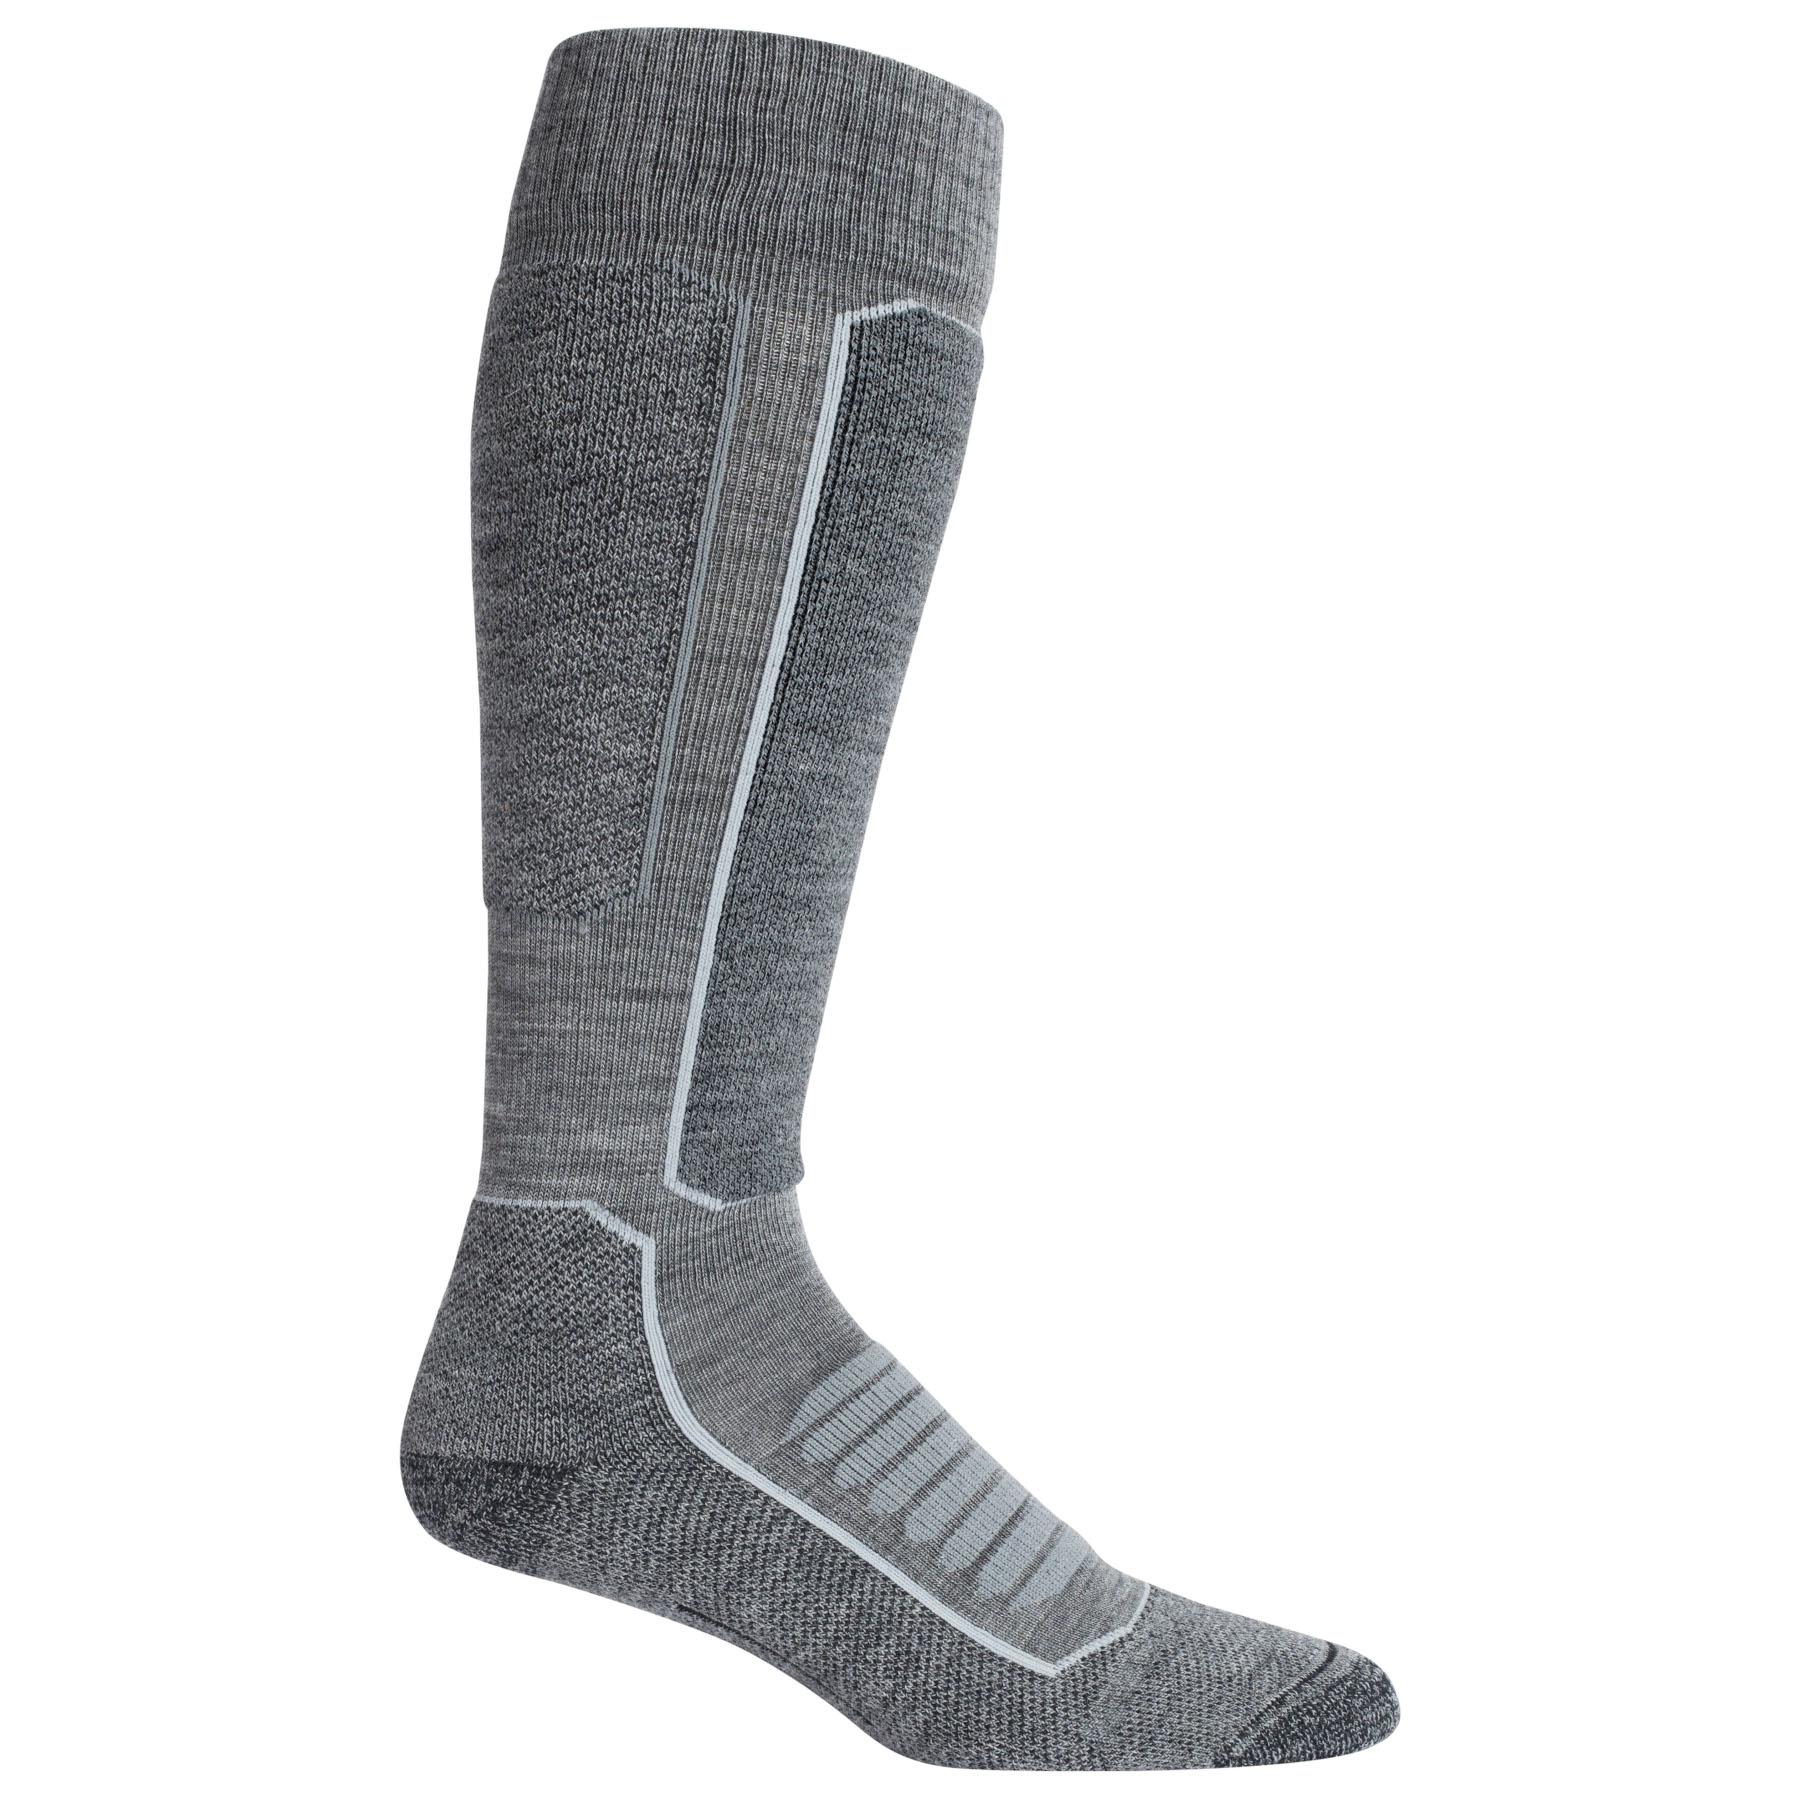 Produktbild von Icebreaker Ski+ Medium OTC Herren Socken - Gritstone HTHR/Black